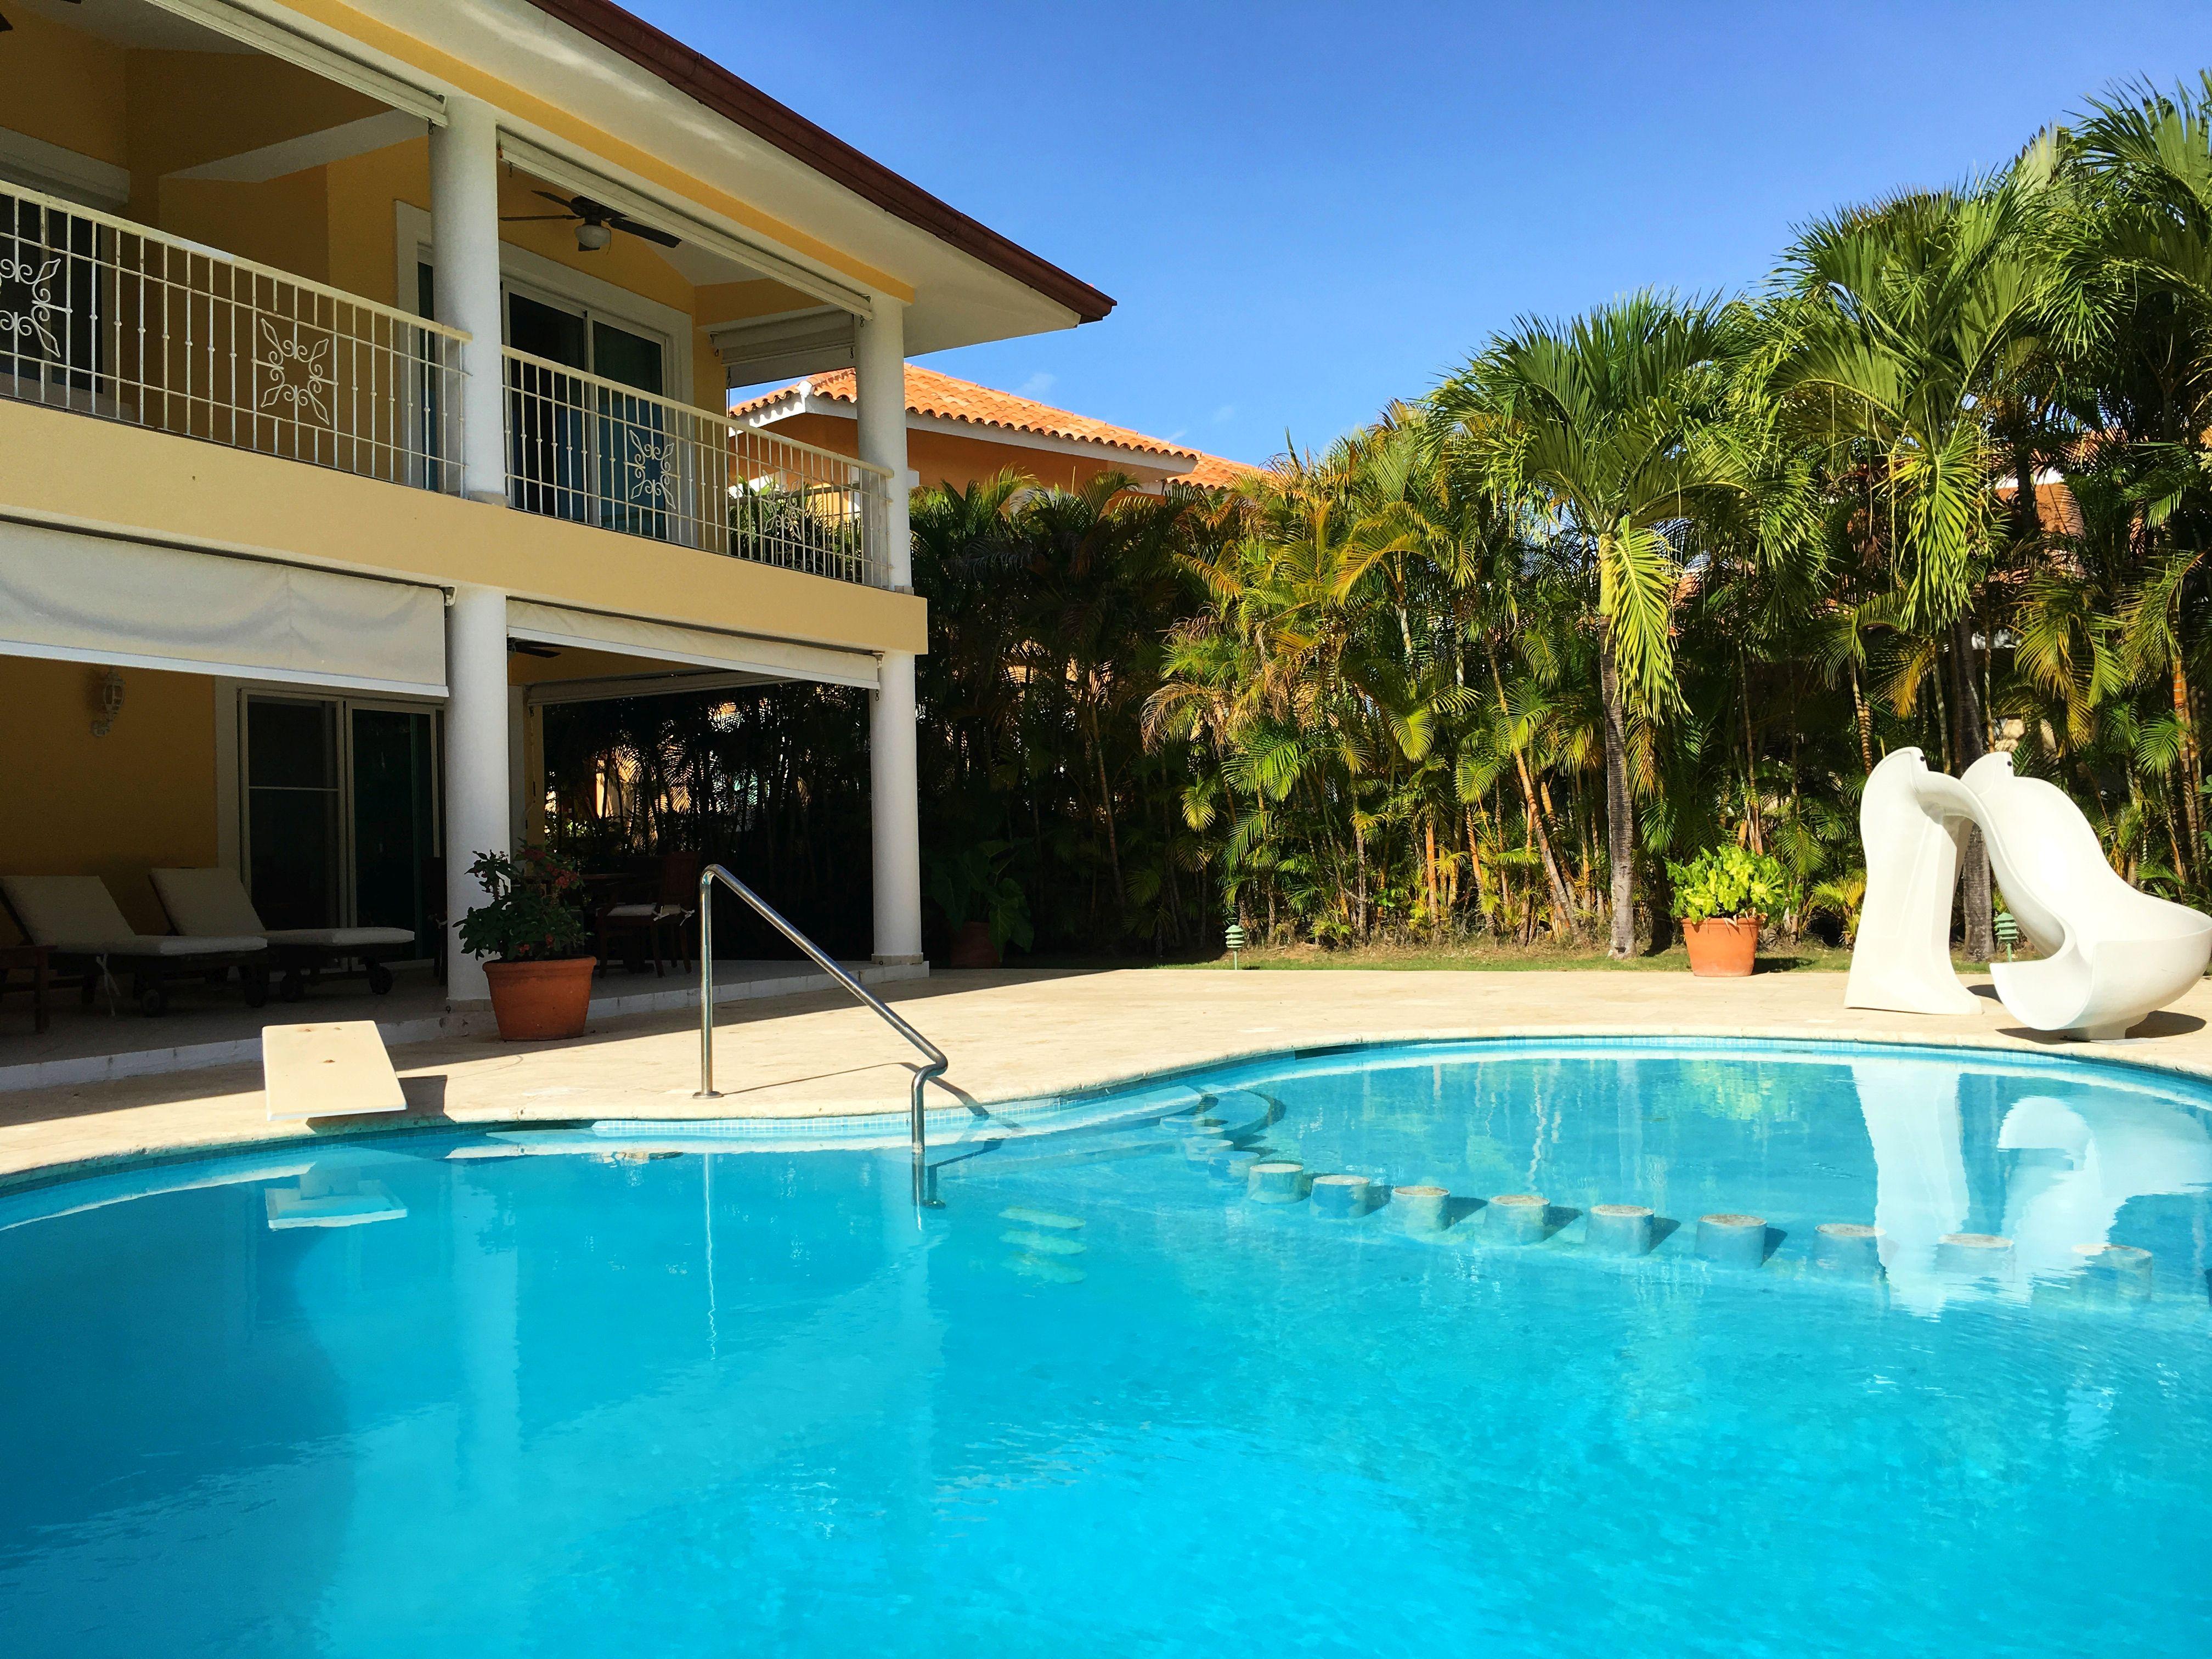 Аренда виллы в Доминикане: Cocotal, 3 спальни, 2 этажа, собственный бассейн